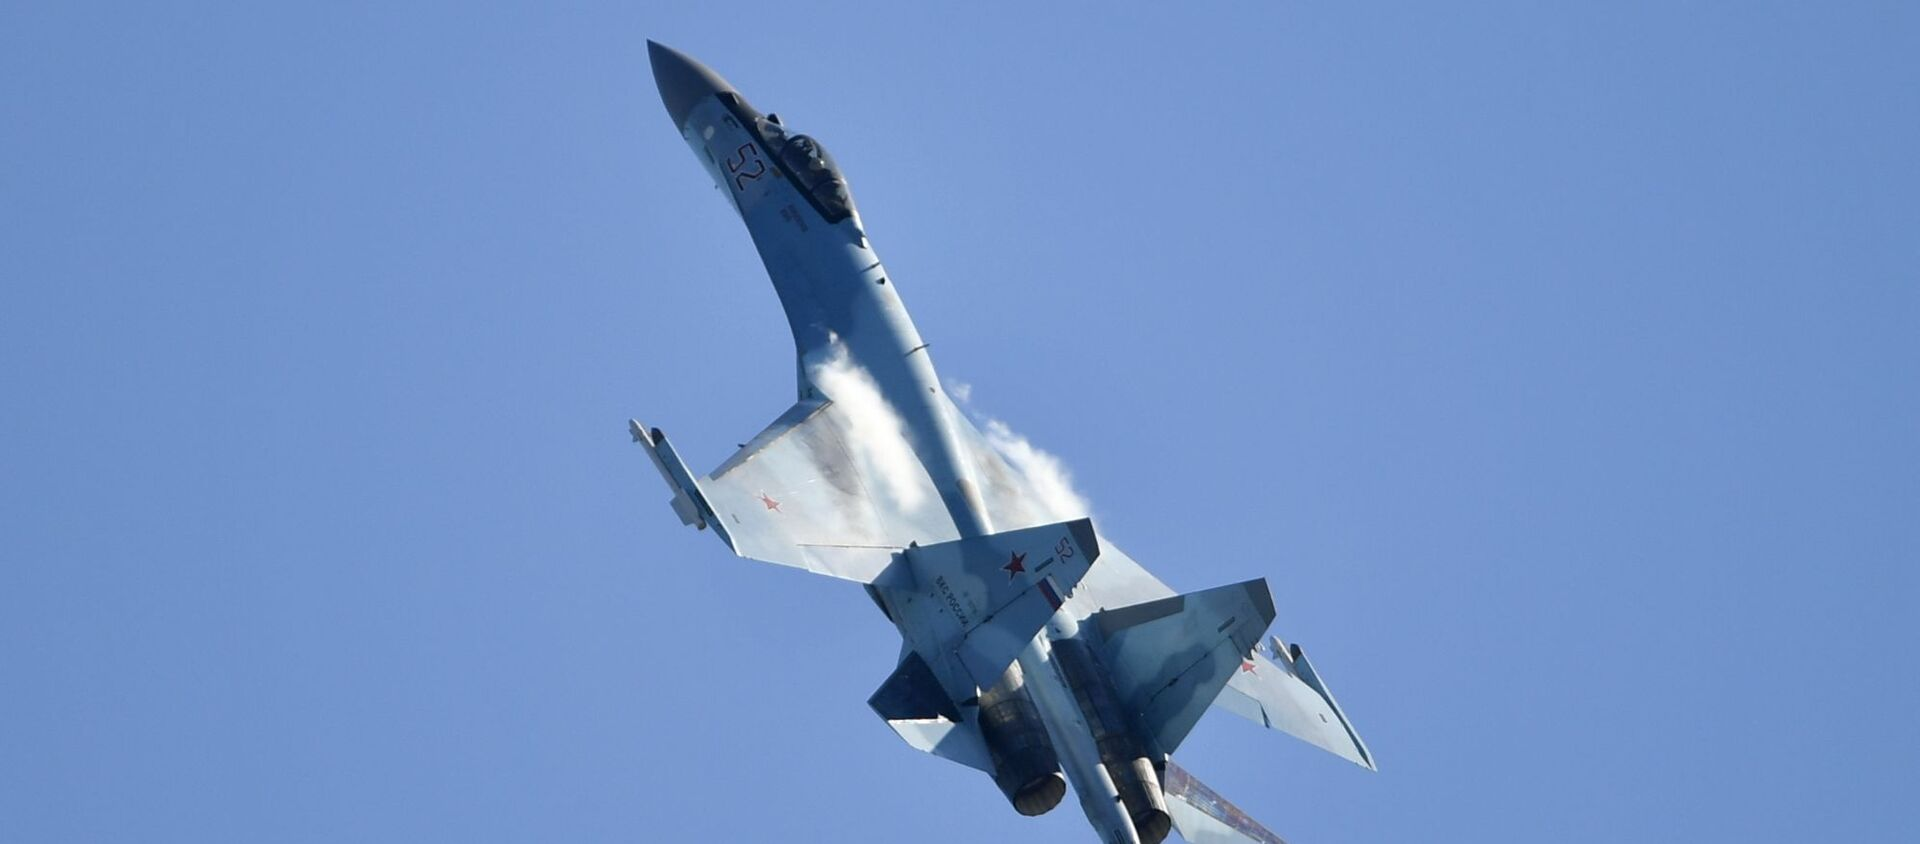 Máy bay chiến đấu đa năng Su-35 của Nga tại Triển lãm Hàng không và Vũ trụ Quốc tế MAKS-2019 - Sputnik Việt Nam, 1920, 05.10.2019